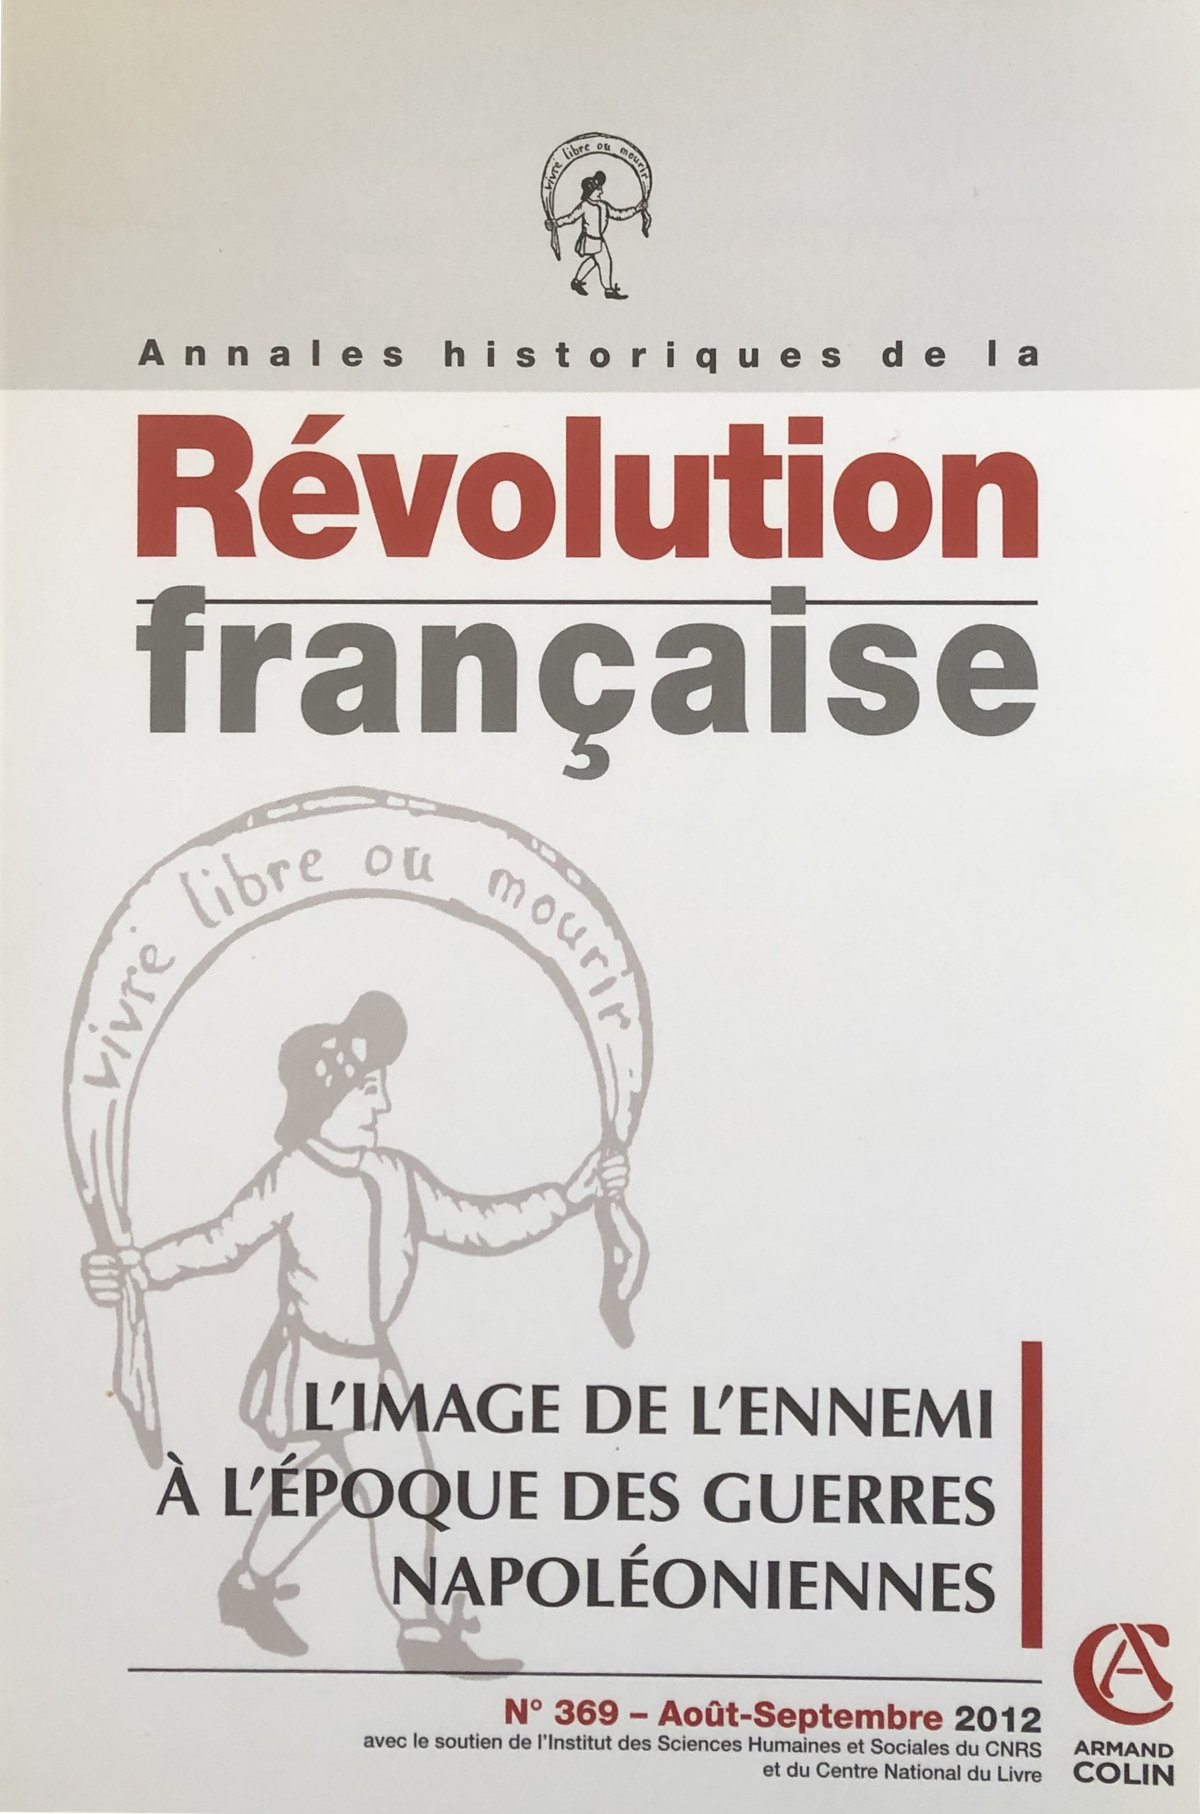 Contestation et image anti-napoléonienne en Hollande au cours de la période napoléonienne (1806-1813)